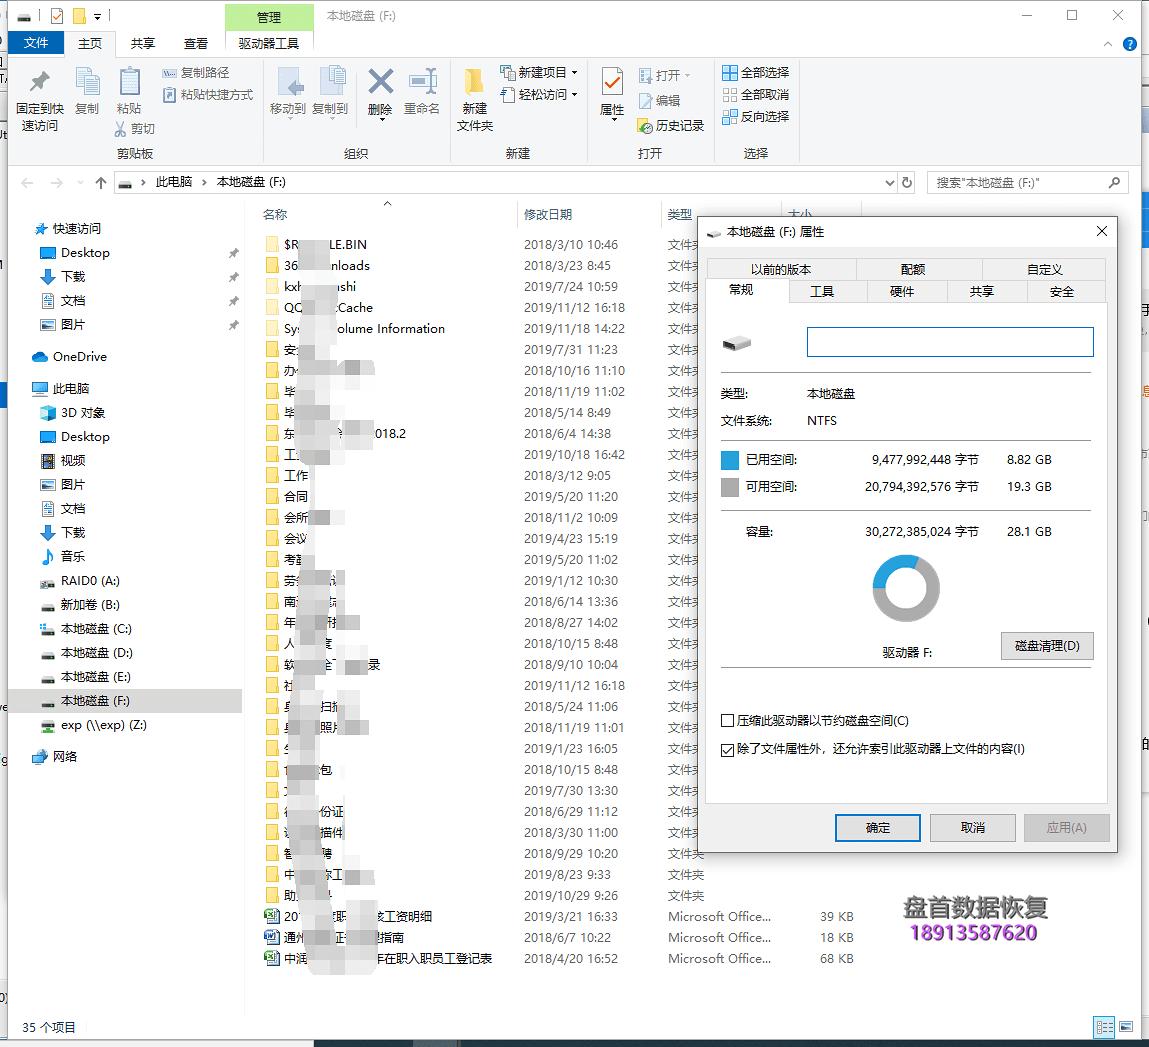 影驰120G PS3111主控的SSD固态硬盘固件门掉盘通病问题